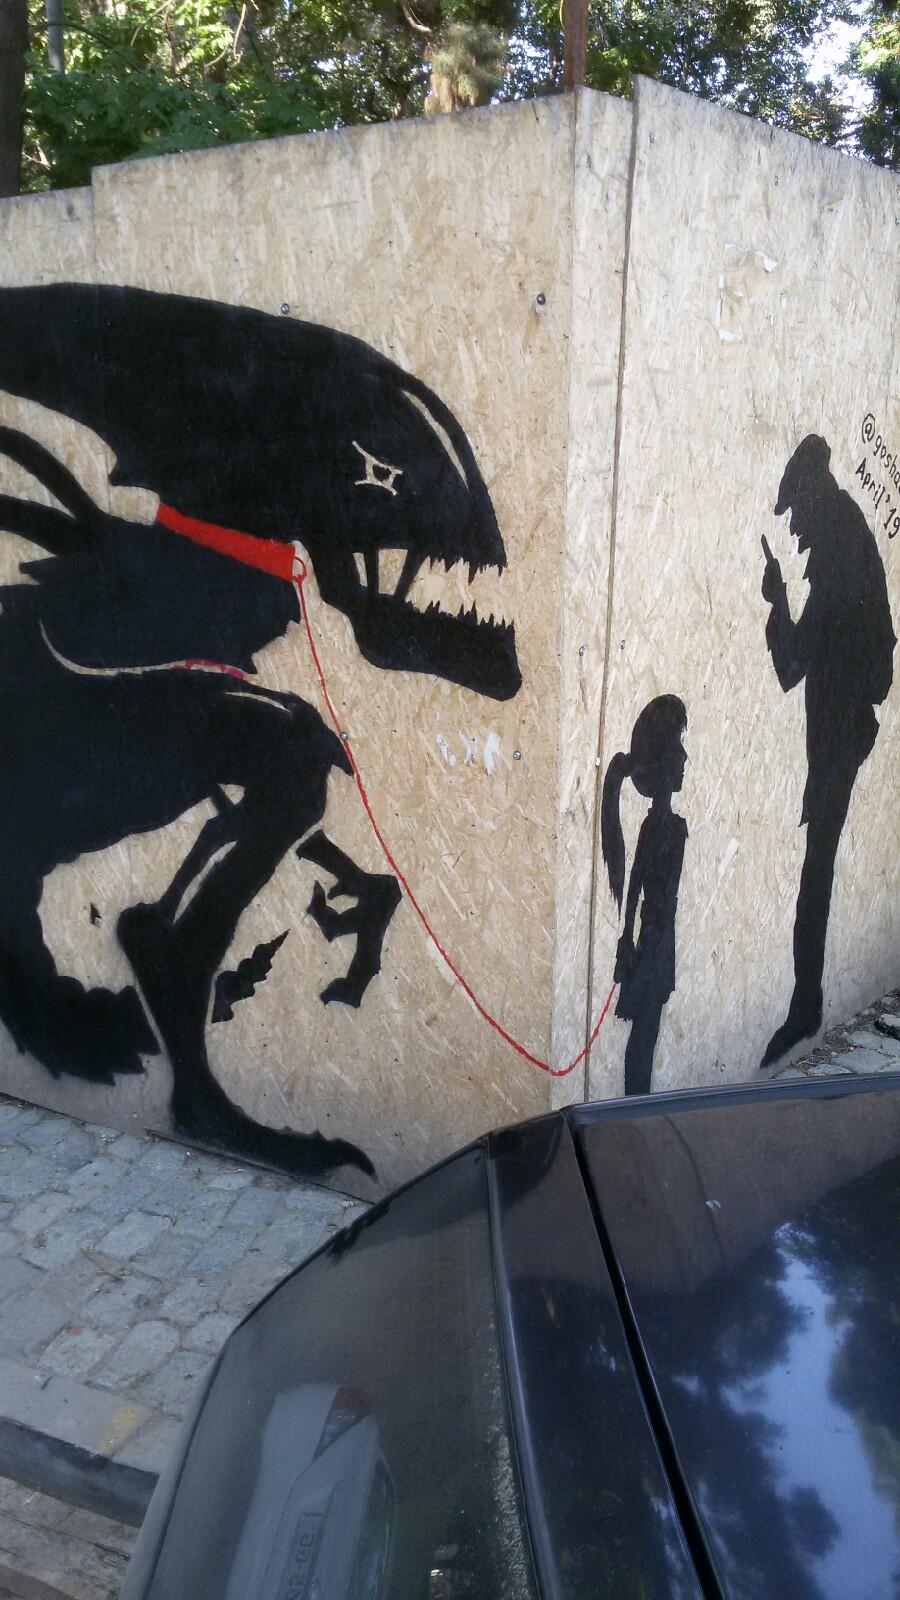 Такого графити много, подписывается как я забыл, это самое лучшее.